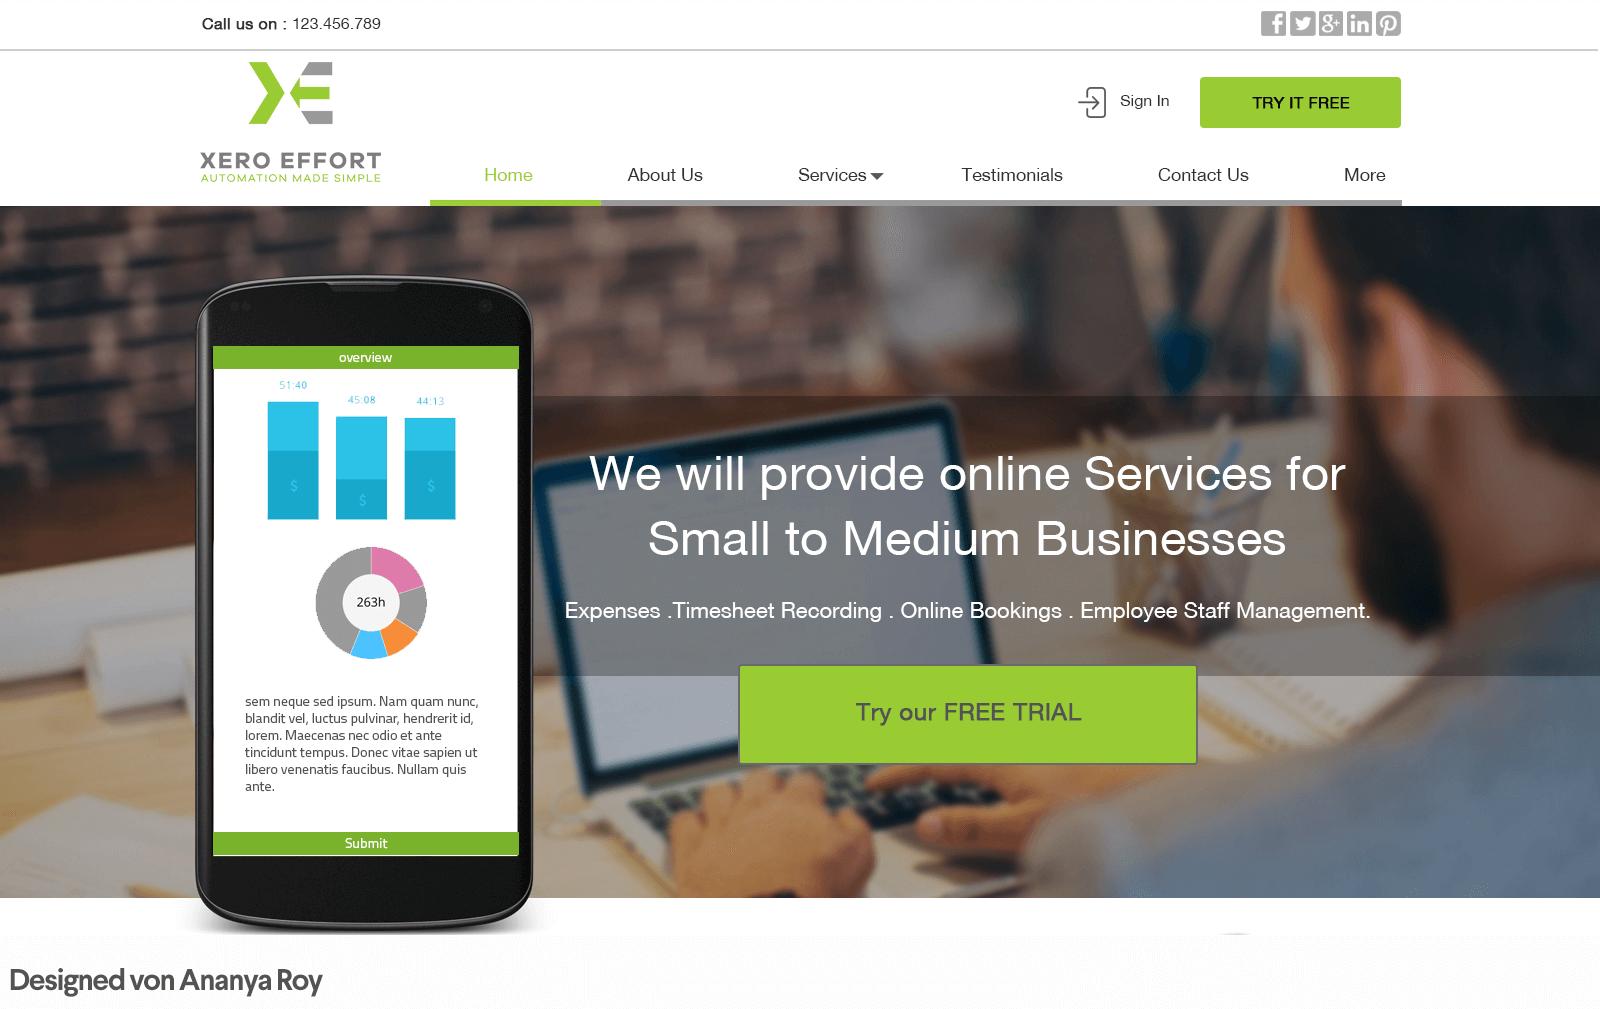 Abbinamenti giusti nel web design: colore verde per le CTA